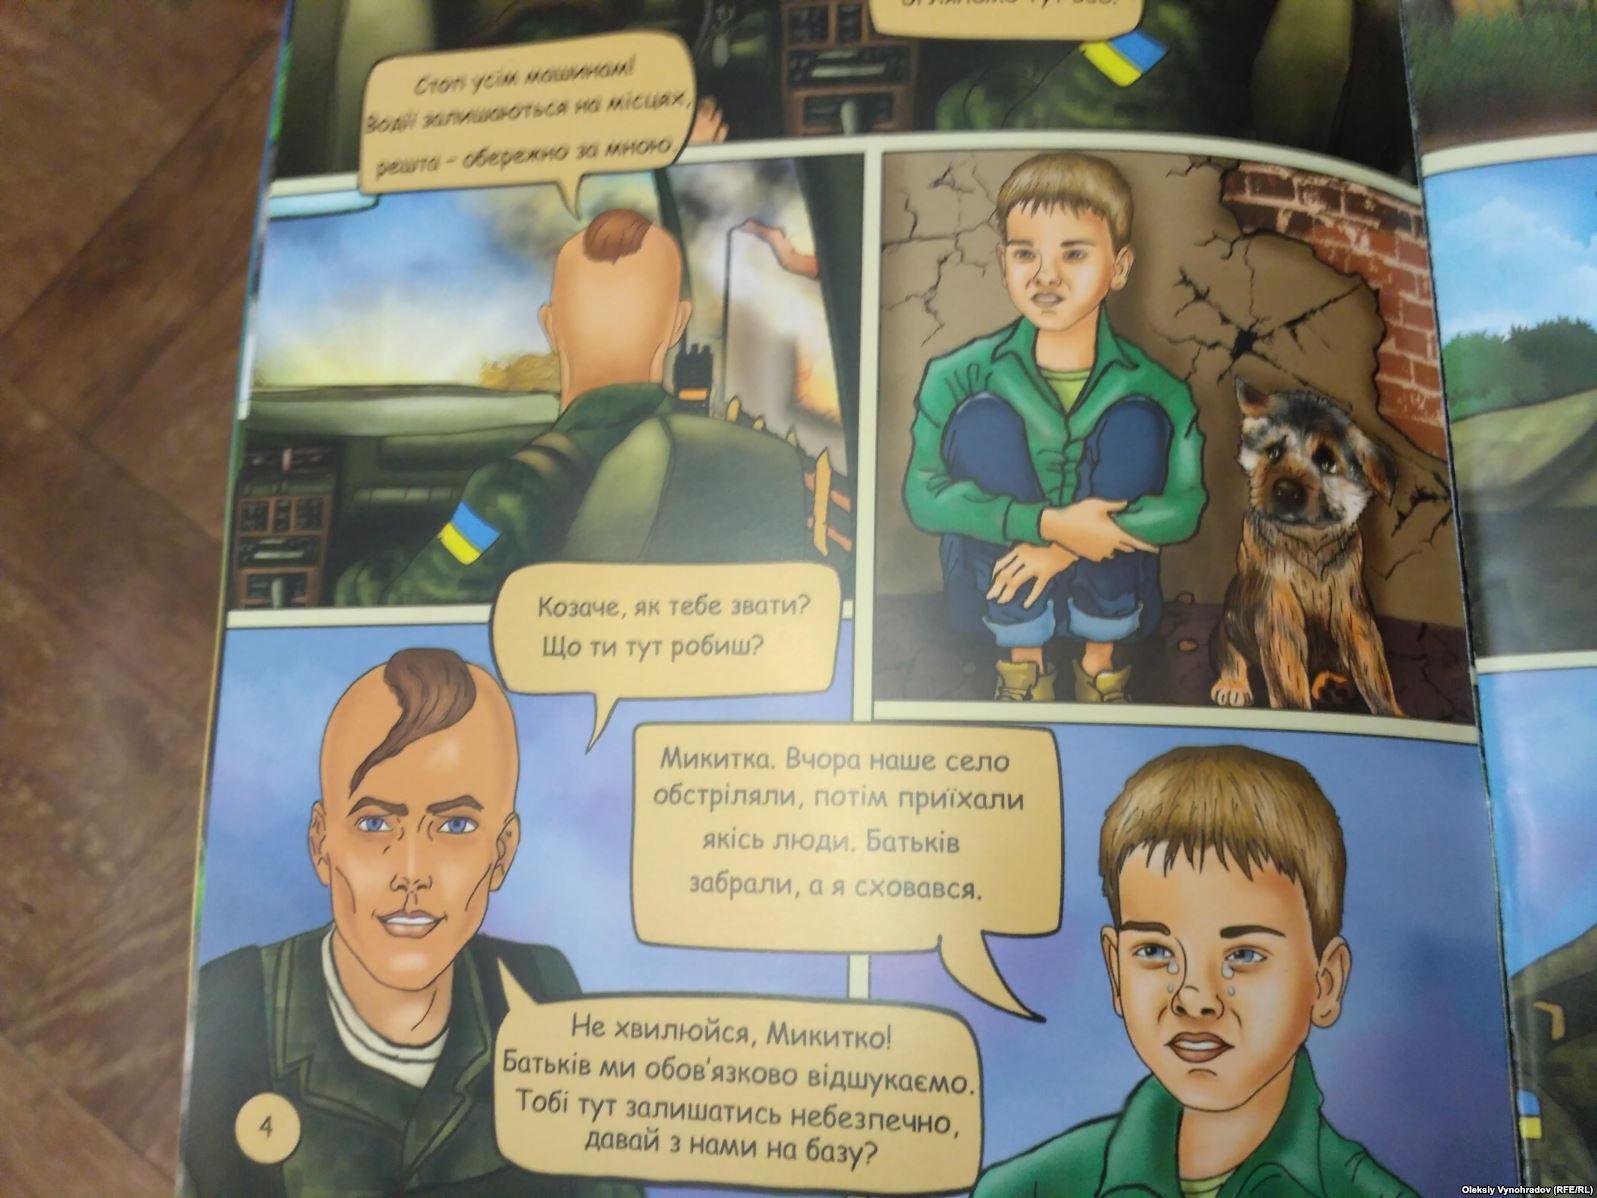 Діти оцінили: в Україні створили зворушливий комікс про війну на Донбасі